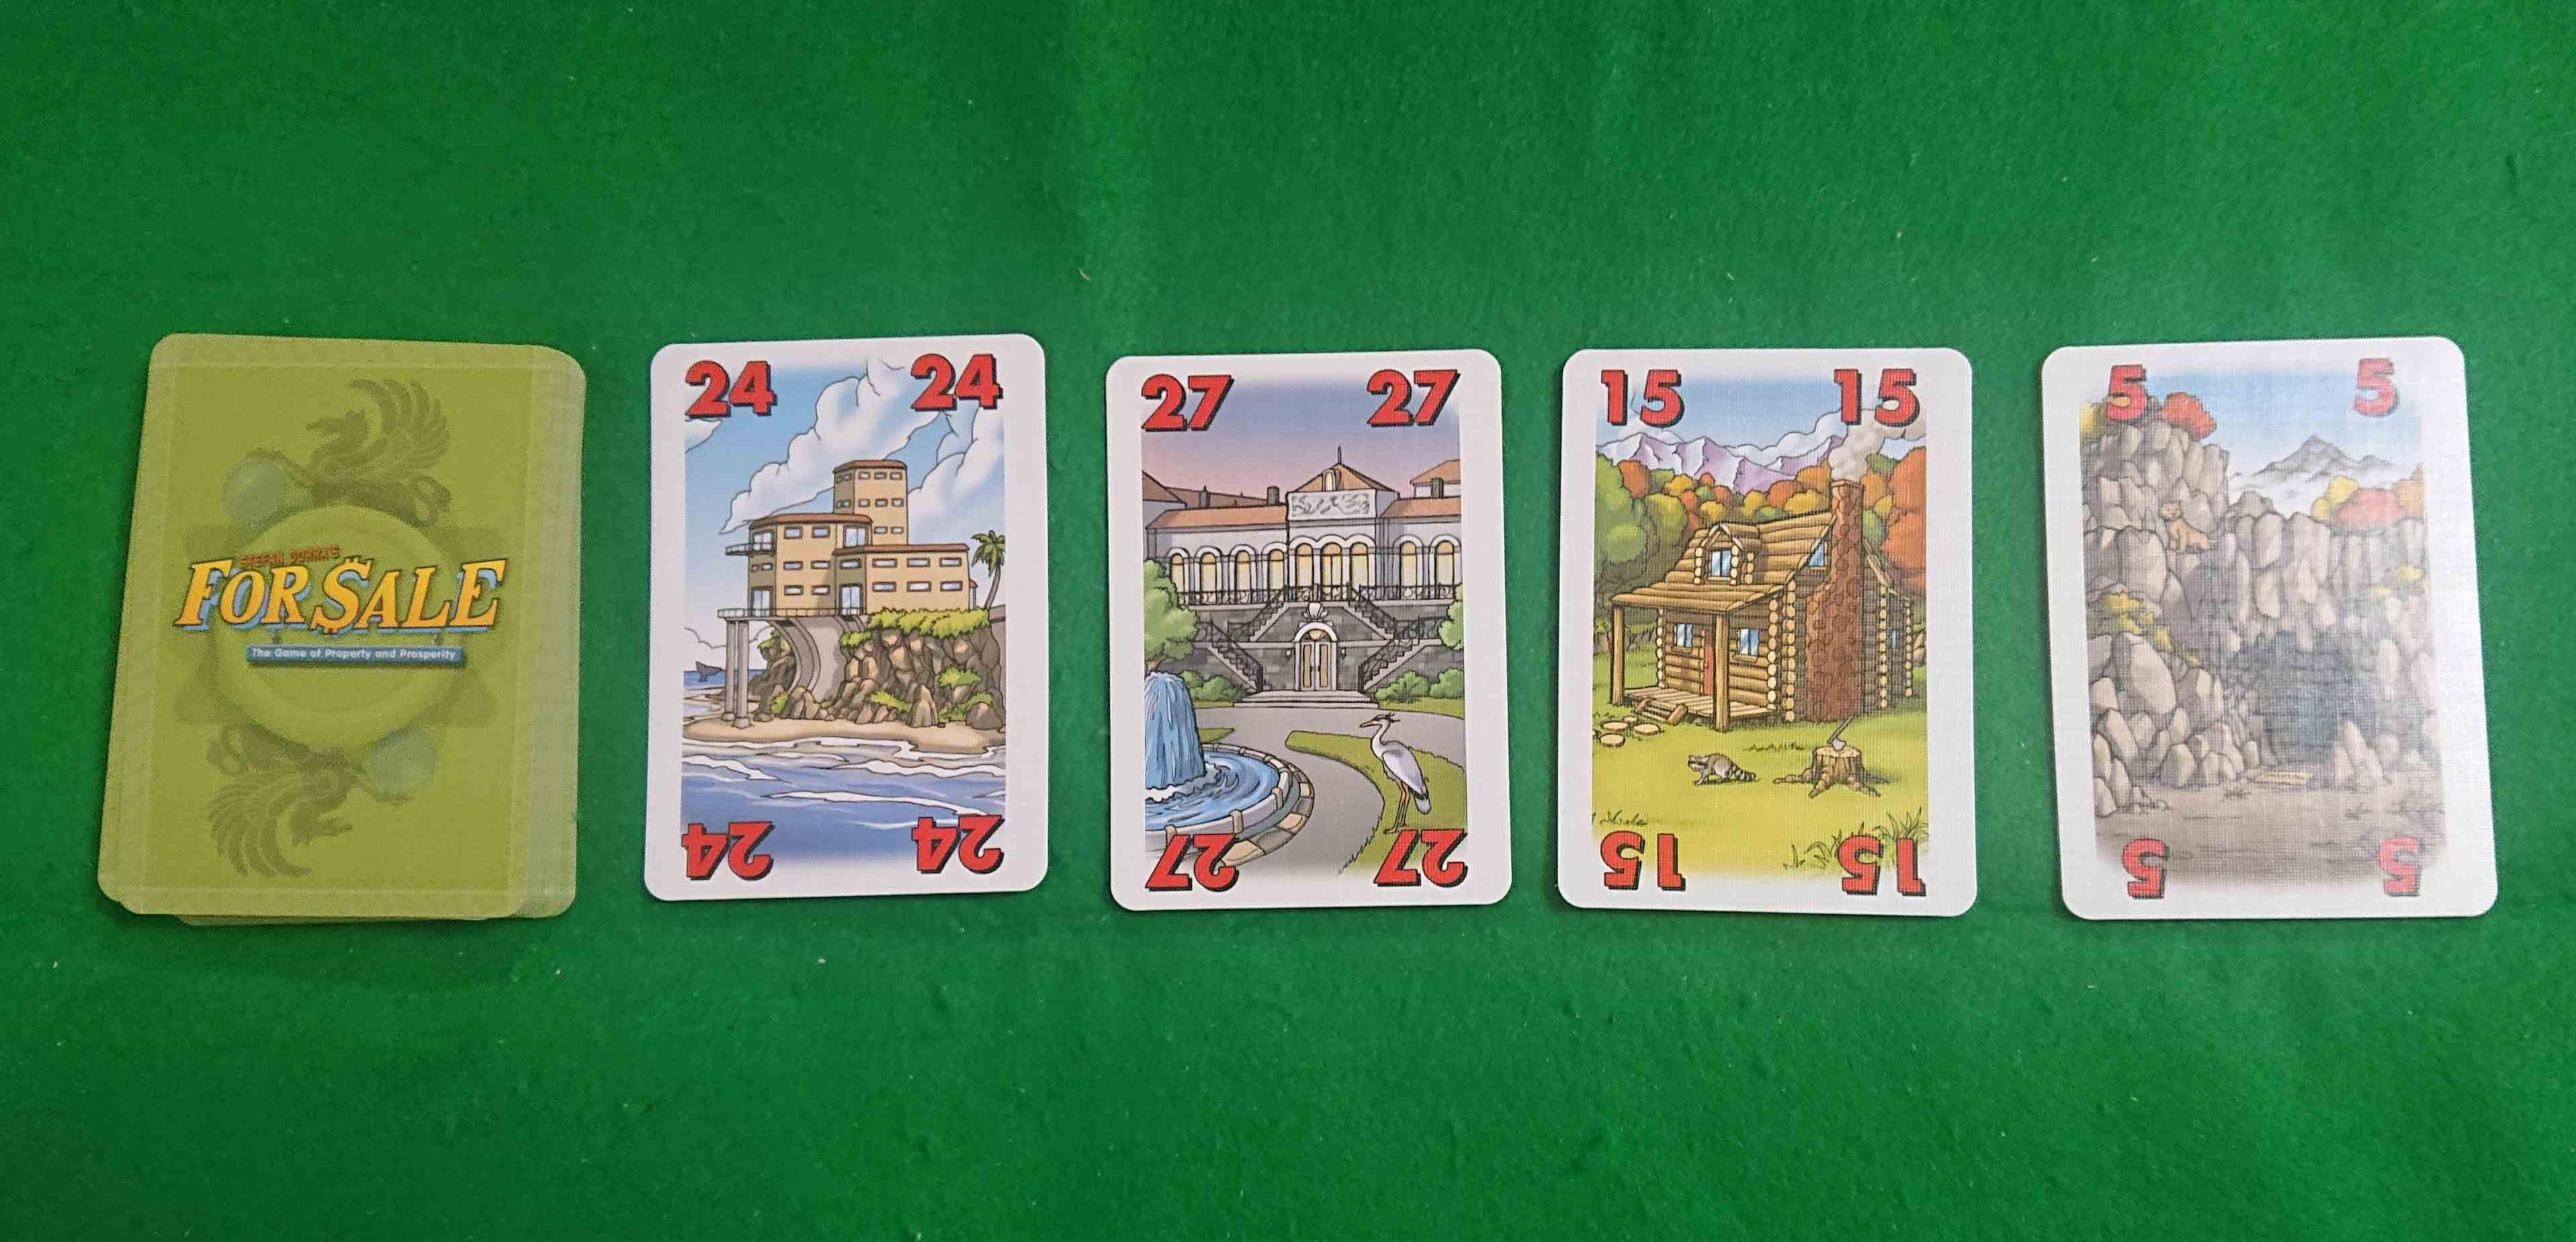 フォーセール 初心者に優しい軽い競り系カードゲーム ボードゲーム